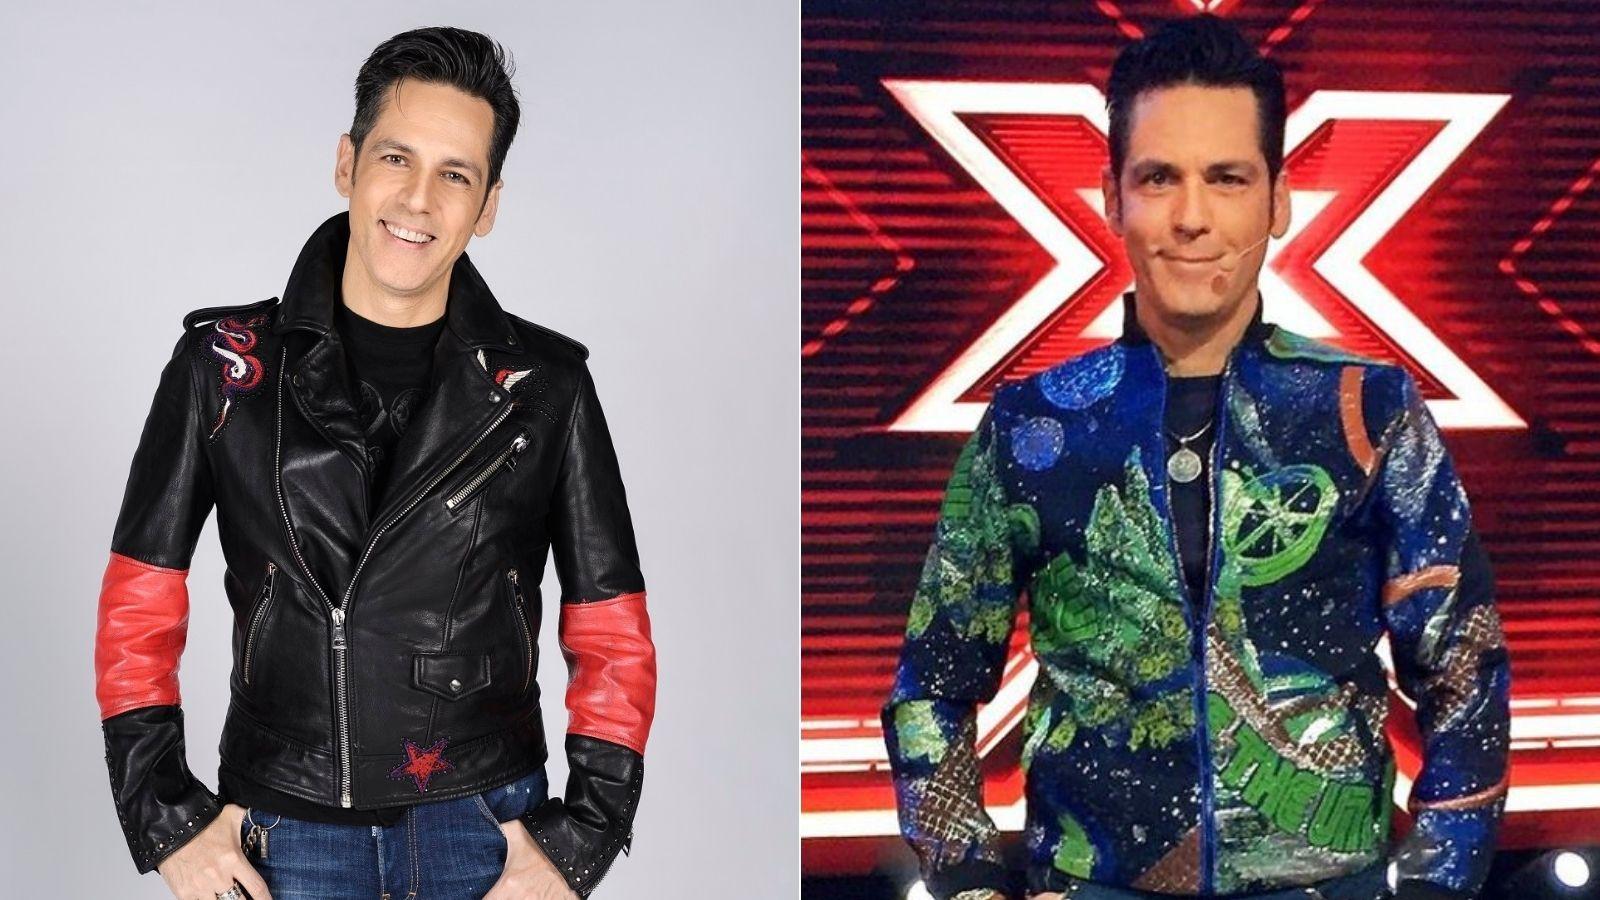 Anunțul făcut de Ștefan Bănică în urmă cu puțin timp. Fanii așteptau de mult timp vestea juratului X Factor